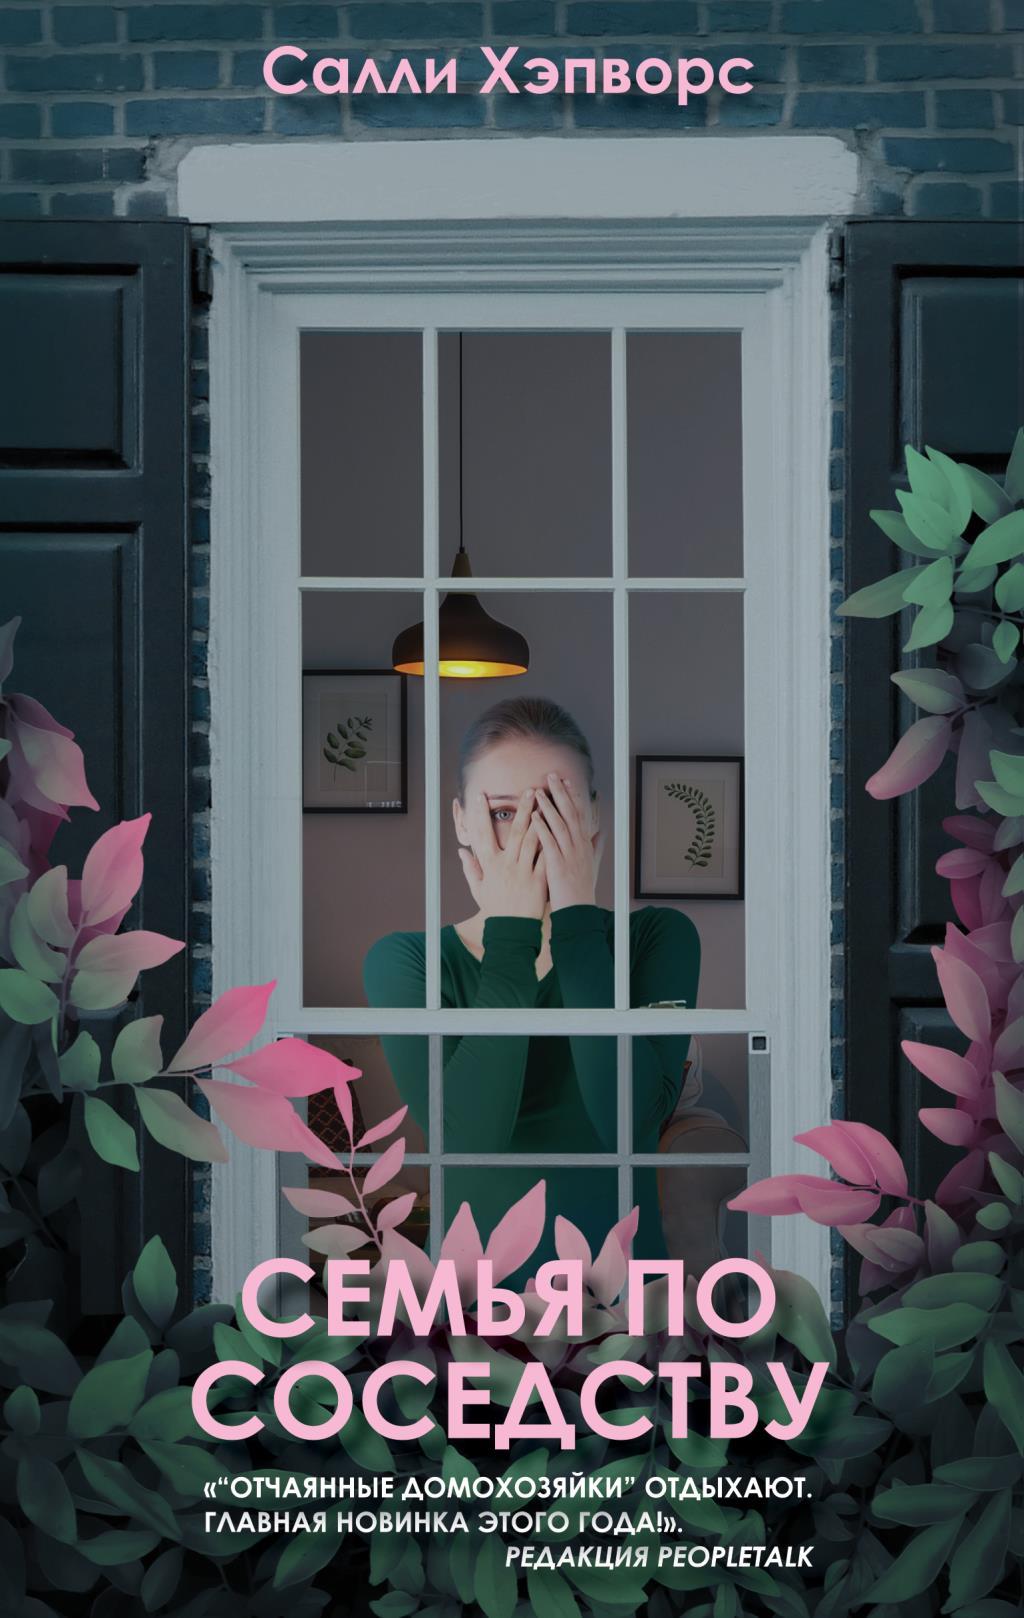 Новый роман Салли Хэпворс 'Семья по соседству' - для поклонников сериала 'Отчаянные домохозяйки'